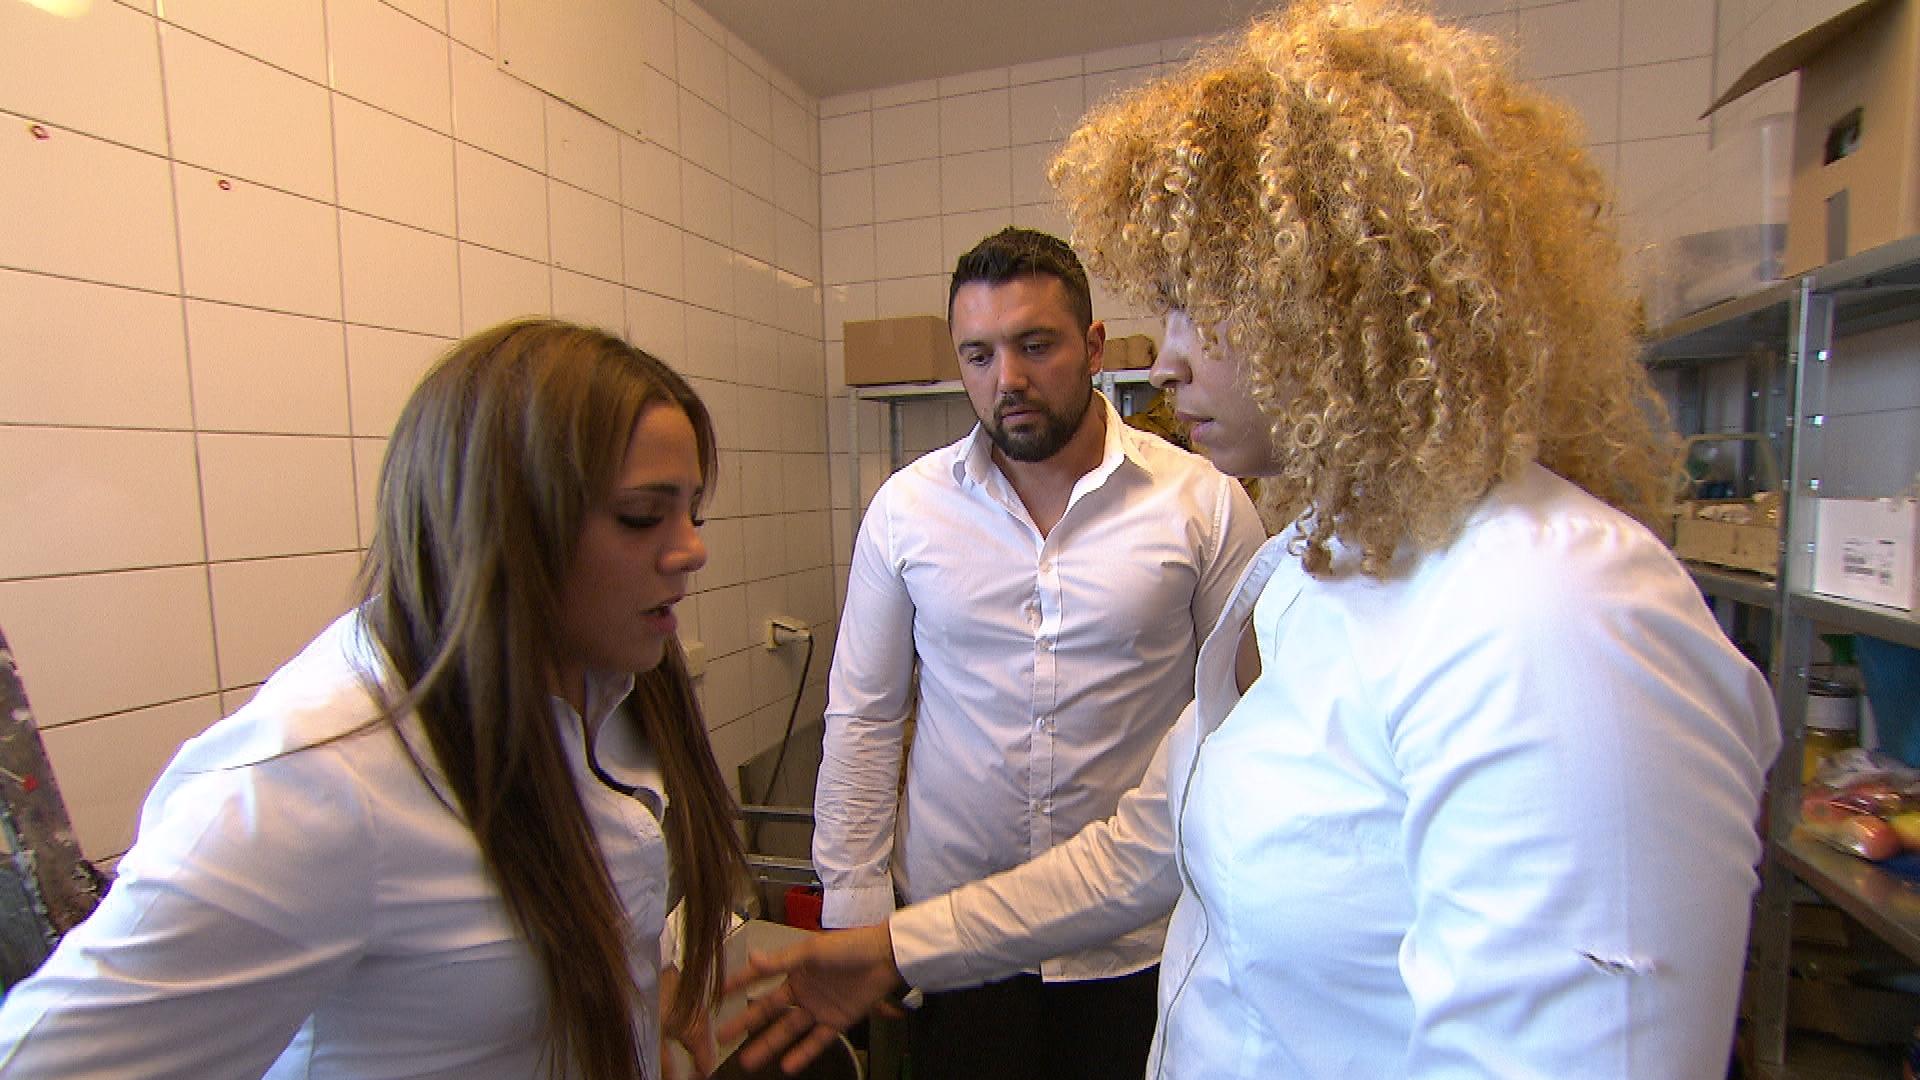 Sophia muss erneut einen von Manus Wutanfällen ertragen und landet dieses Mal fast unter einem Regal, das Manu in seiner brodelnden Eifersucht umwirft. Als Sam und Francesco ihr zu Hilfe eilen, deckt sie Manu und nimmt die Schuld auf sich. (Quelle: RTL 2)